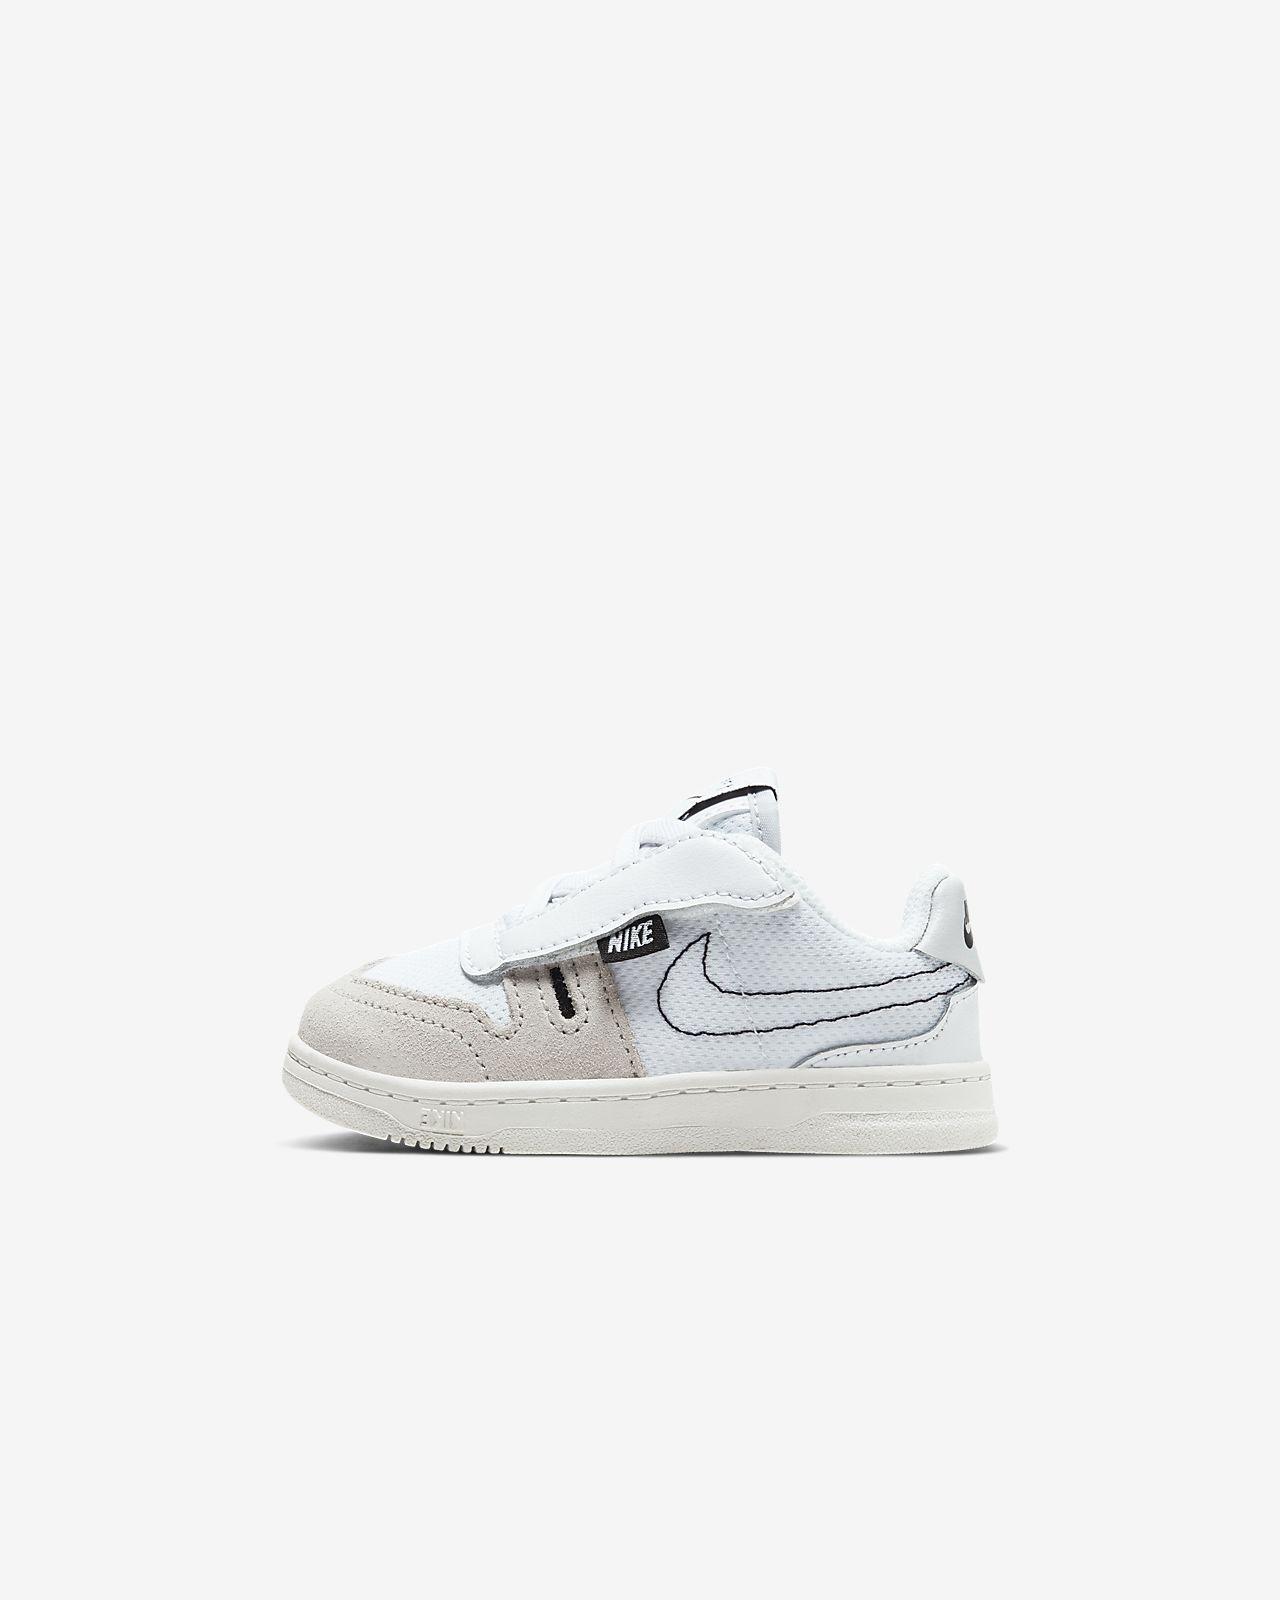 Nike Squash-Type Baby/Toddler Shoe